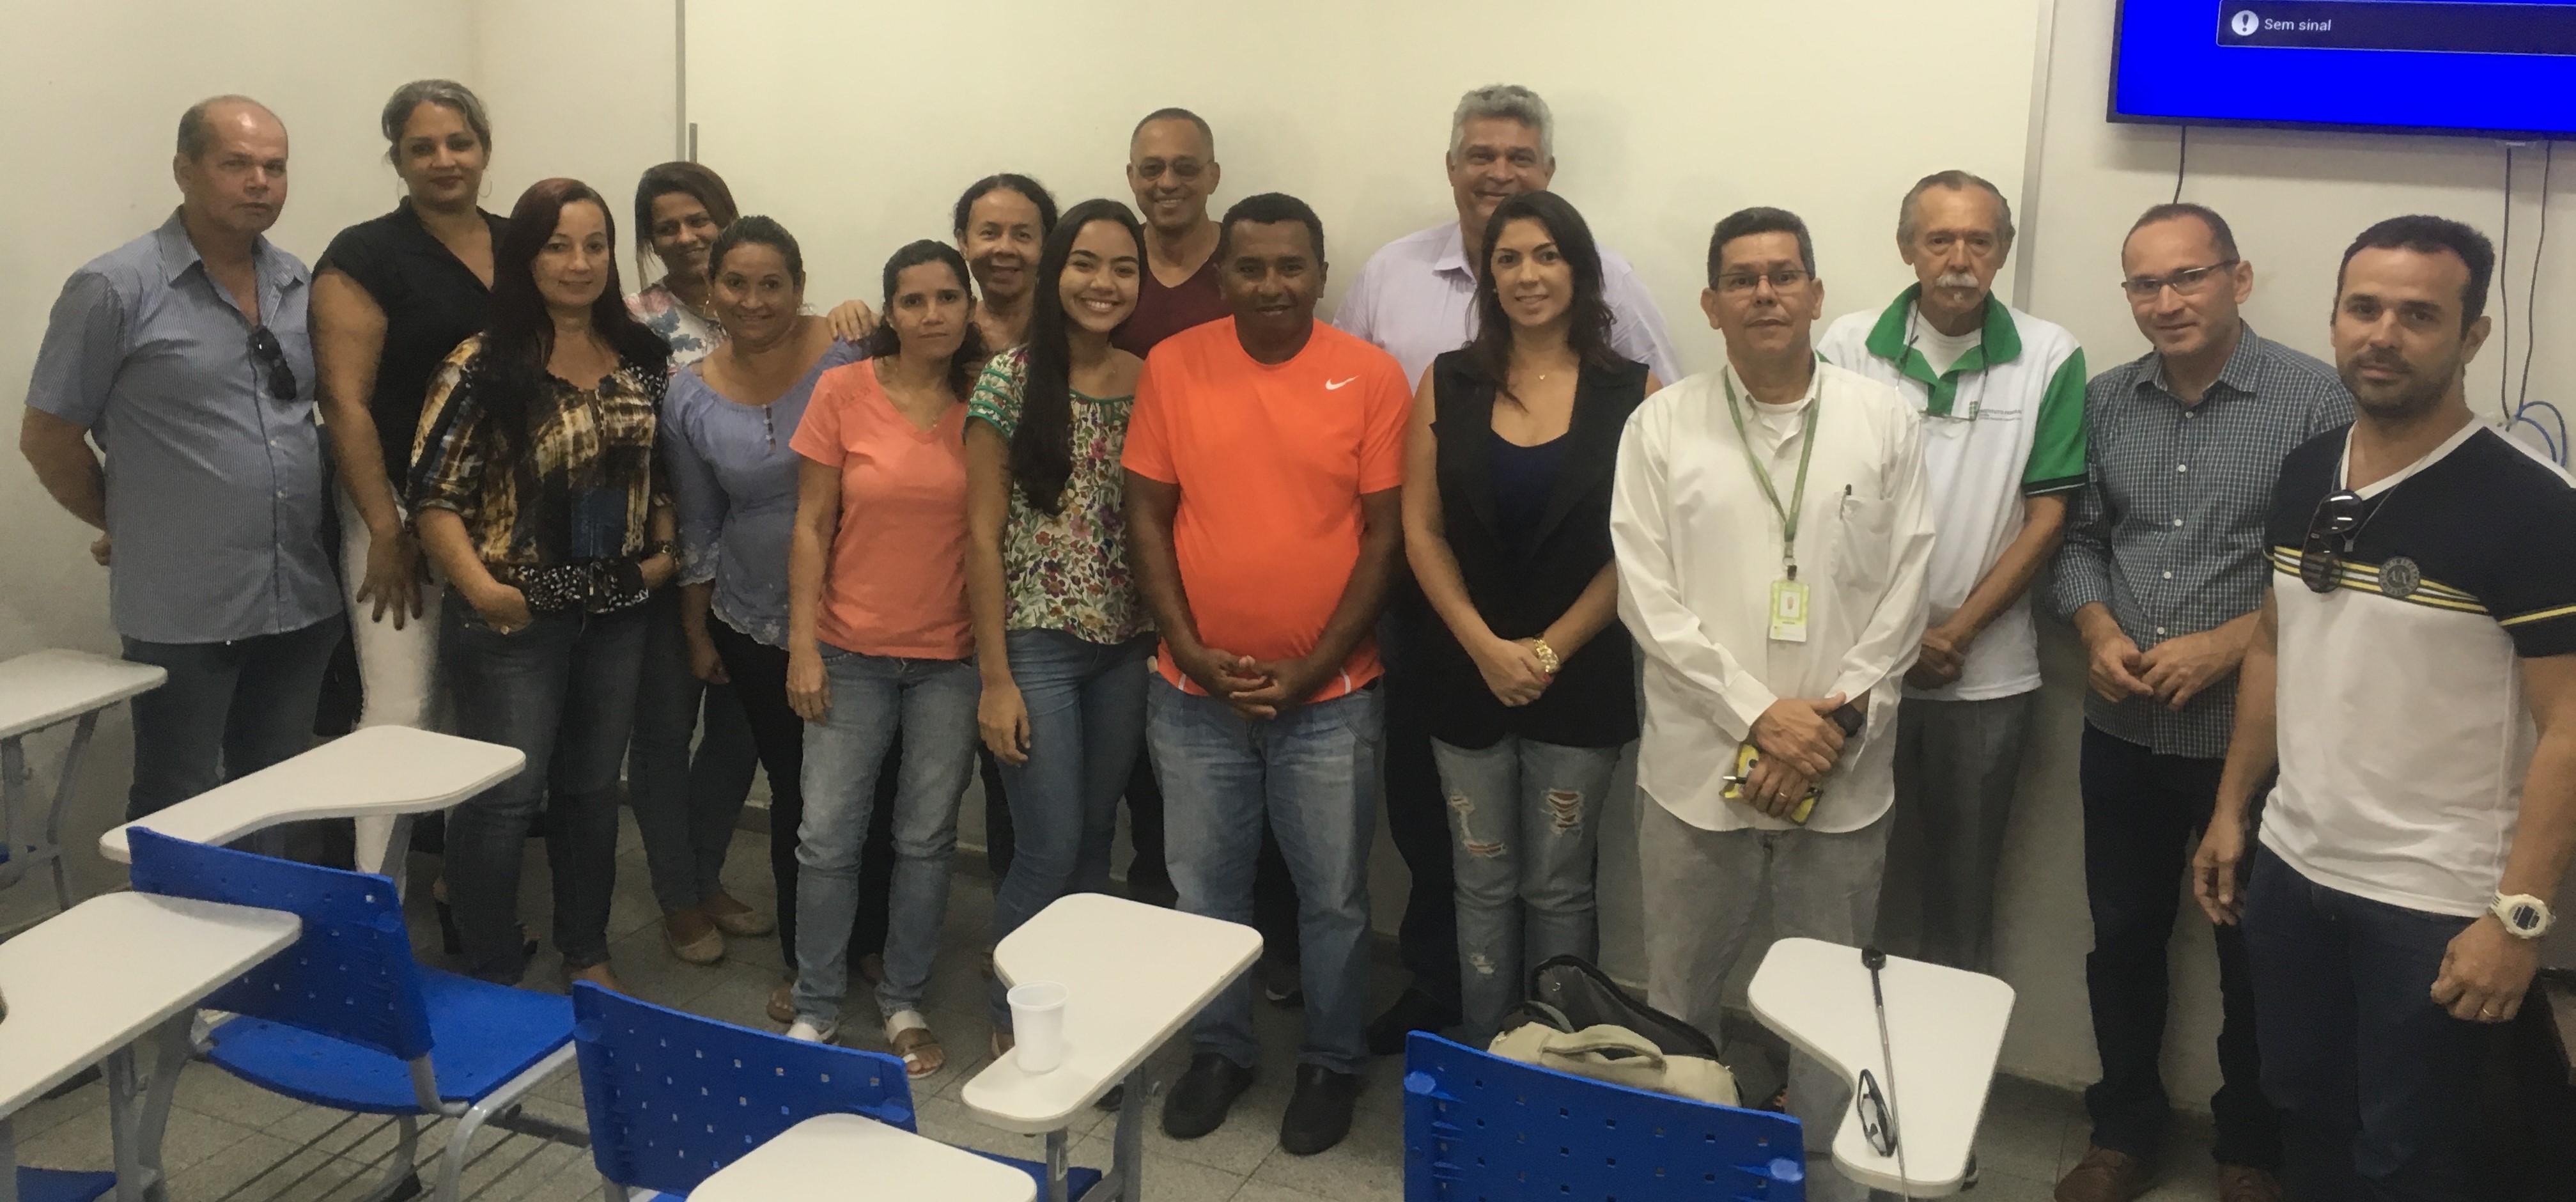 a8d537eea4 Homero Carvalho e Marconi Santos com as turmas de TTI do Campus Cabedelo  Centro.